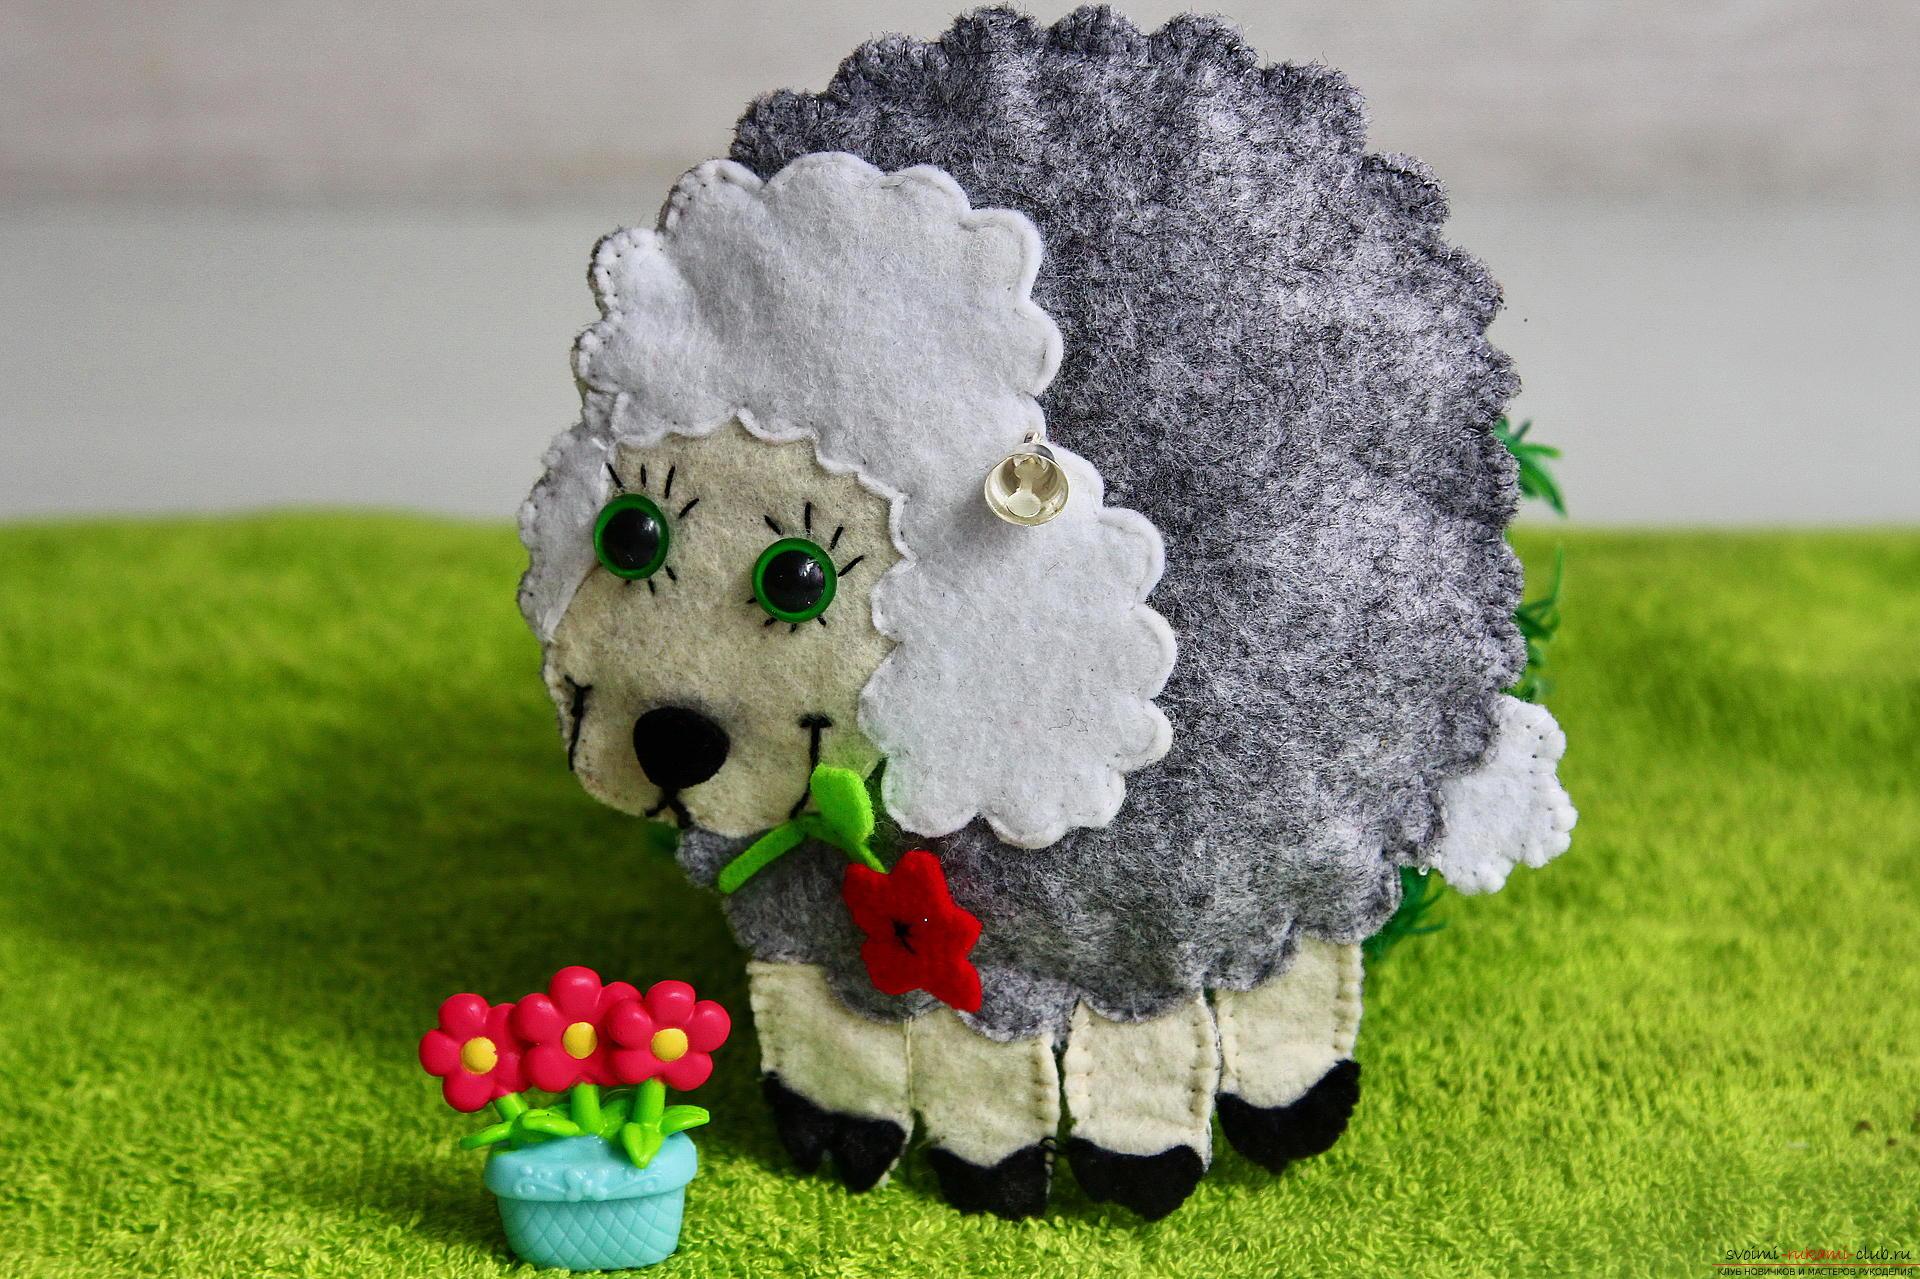 ᐉ овечка из фетра выкройка. как сшить сувенирную овечку из фетра. игрушка из фетра - овечка. мастер-класс ➡ klass511.ru